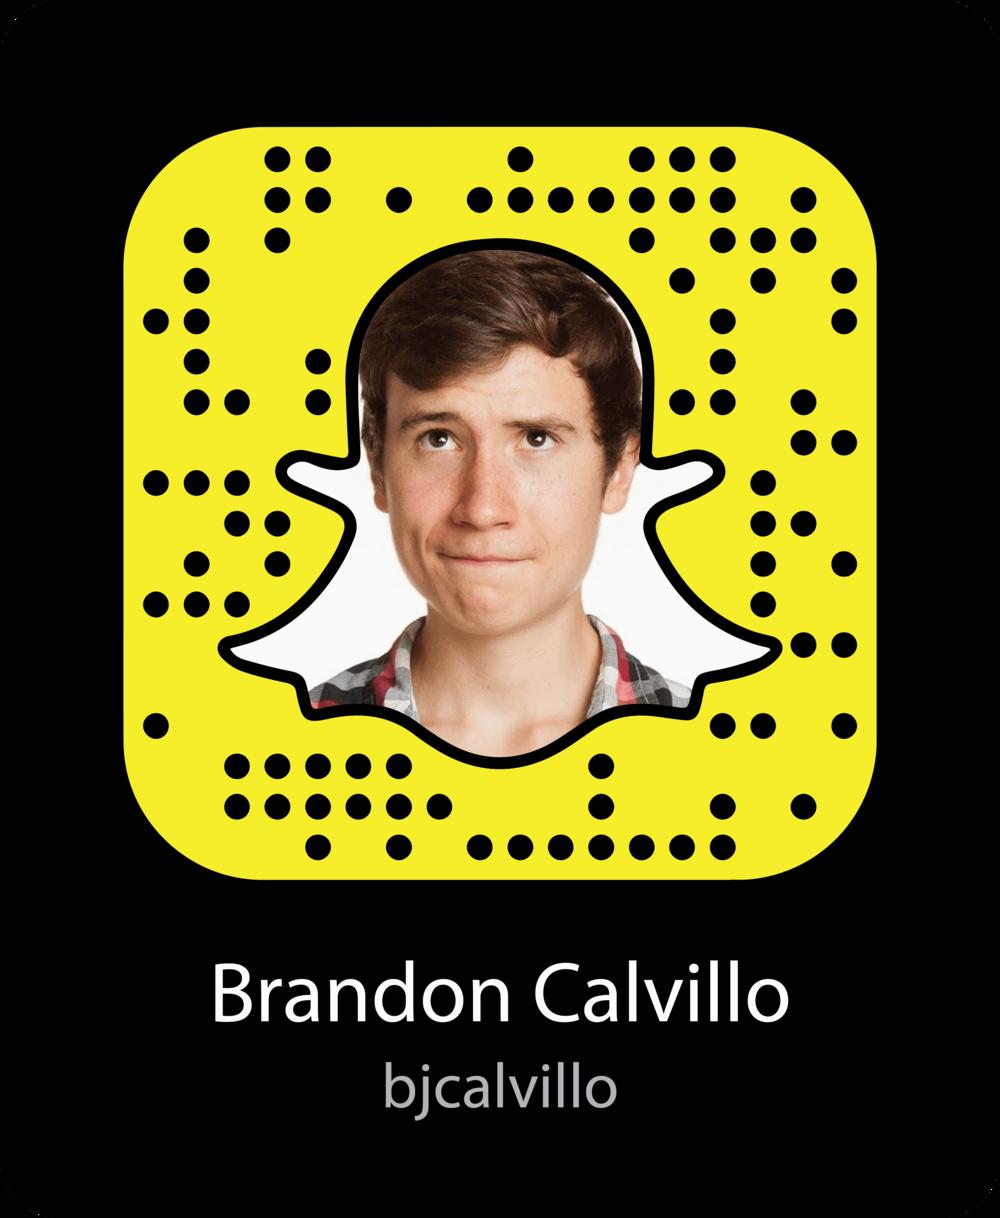 brandon-calvillo-vine-celebrity-snapchat-snapcode